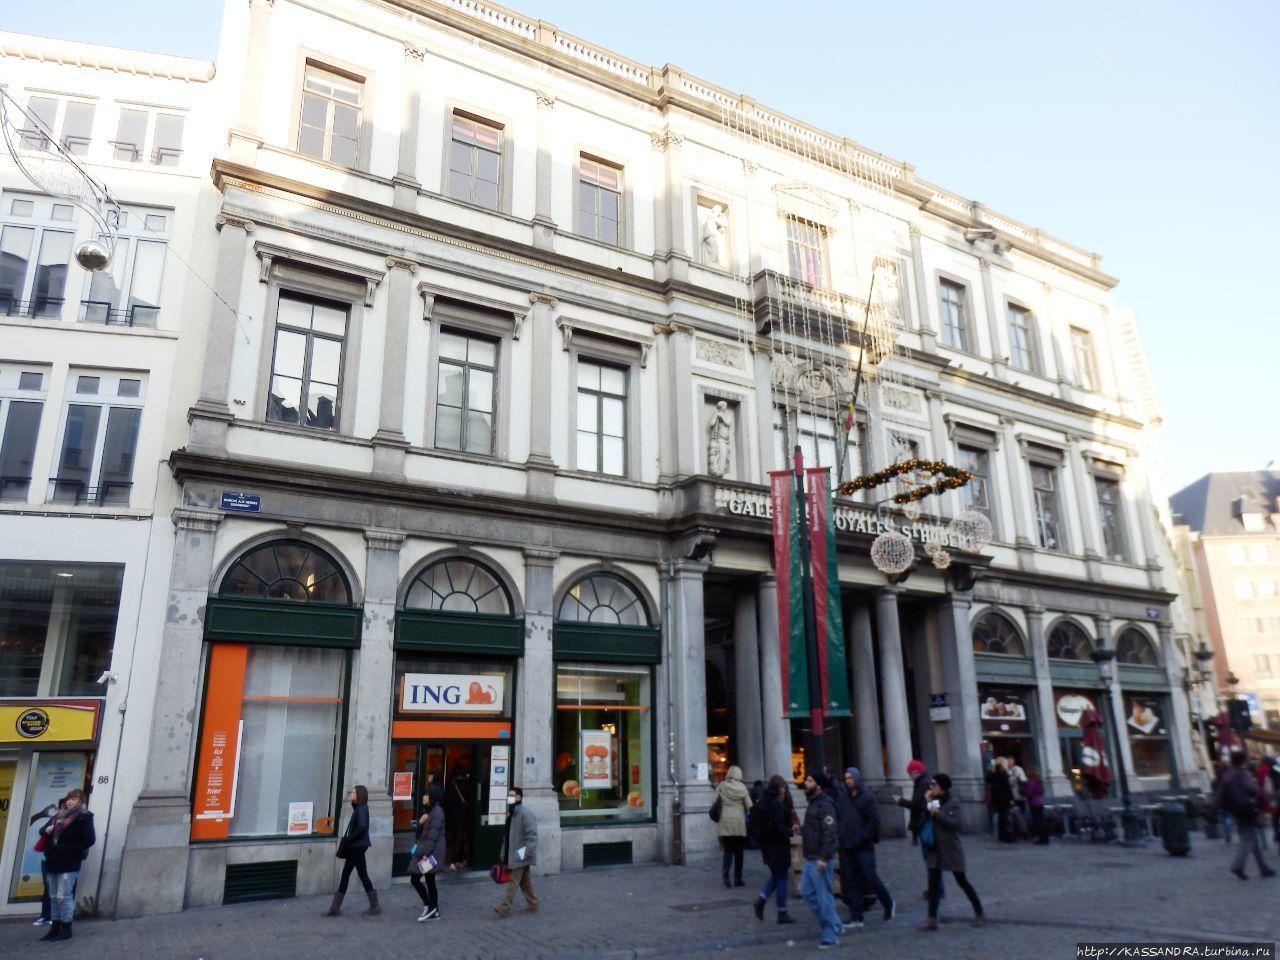 Шоппинг в Европе  магазины, торговые центры, бутики и рынки. Дисконт ... dc9cf7343be